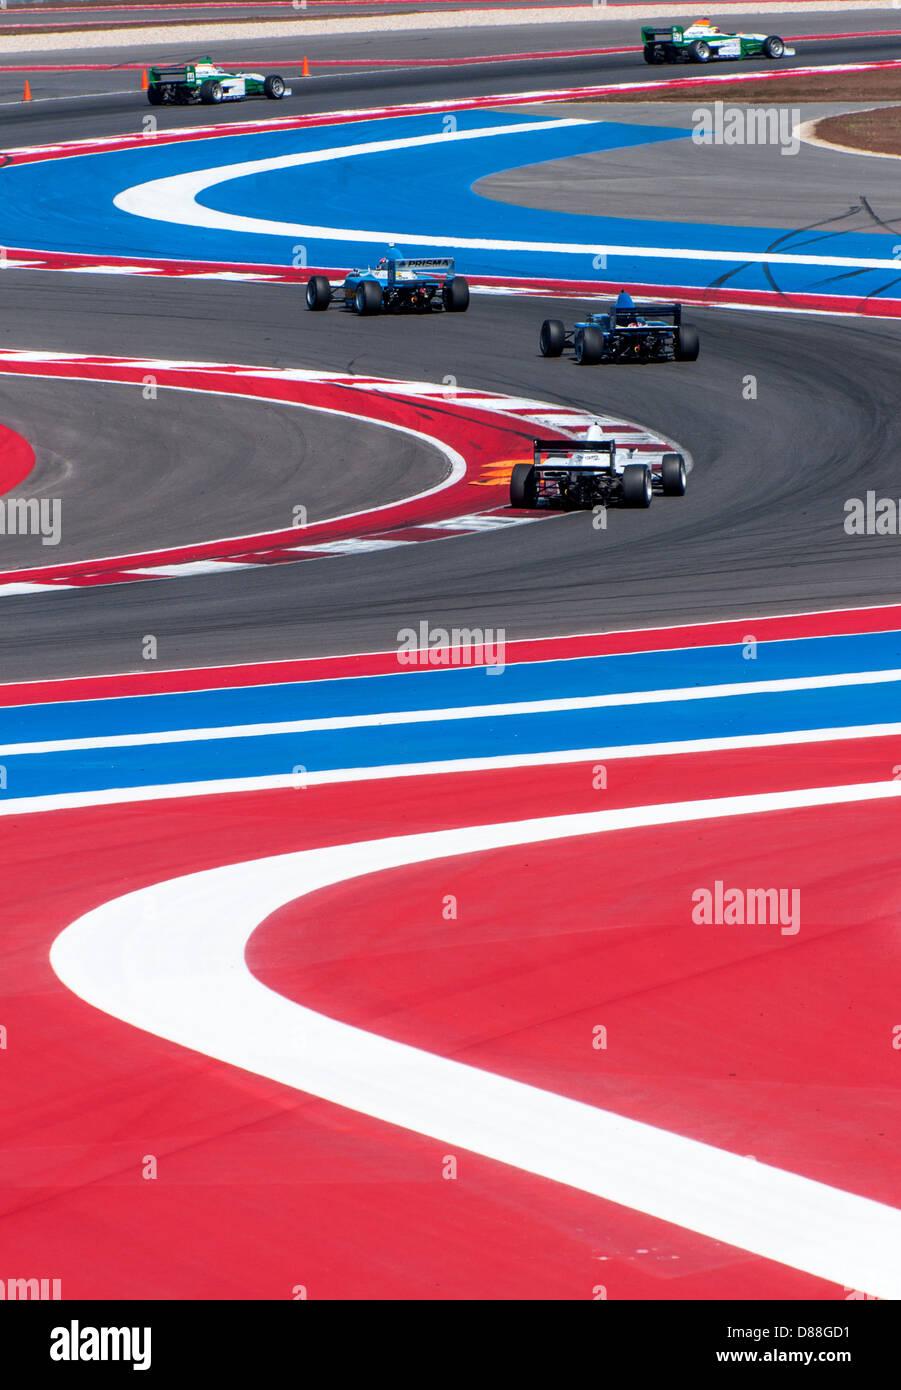 Parecchi Pro Serie Mazda racing cars negoziare la S-curve presso il circuito delle Americhe, Austin, Texas. Immagini Stock